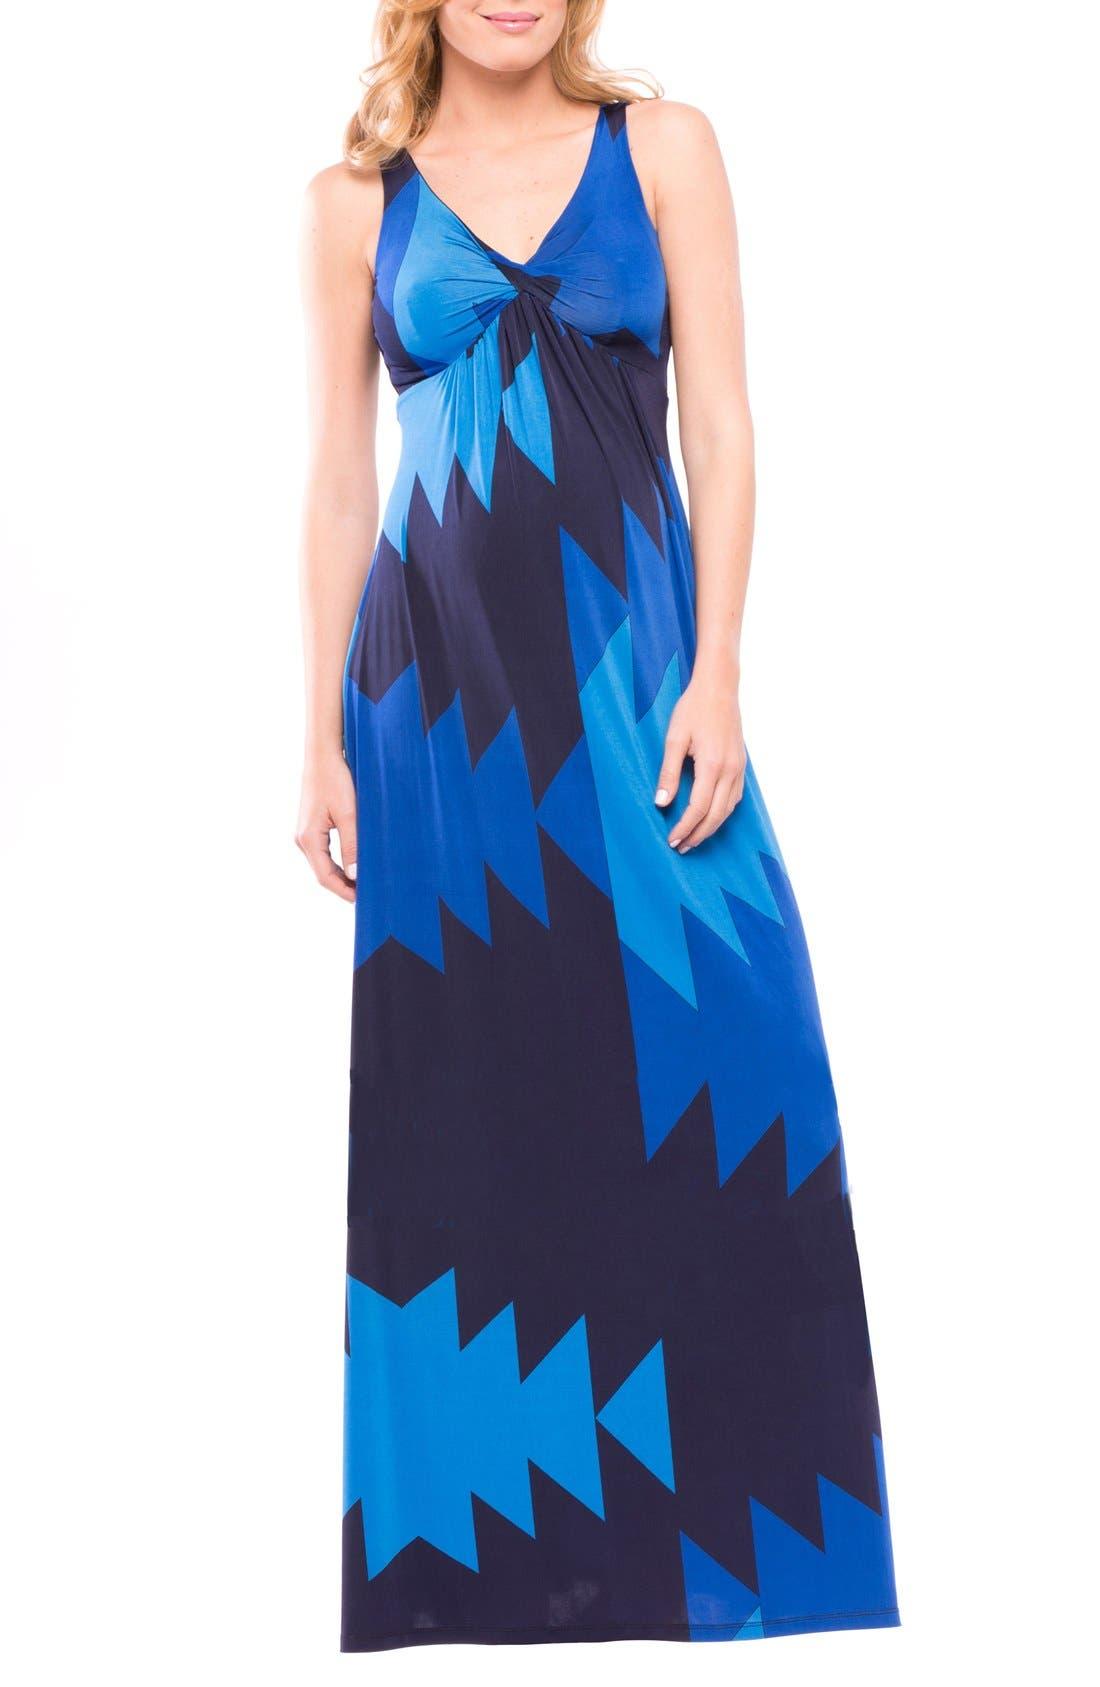 Olivia Sleeveless Maternity Maxi Dress,                         Main,                         color, Blue Aztec Print